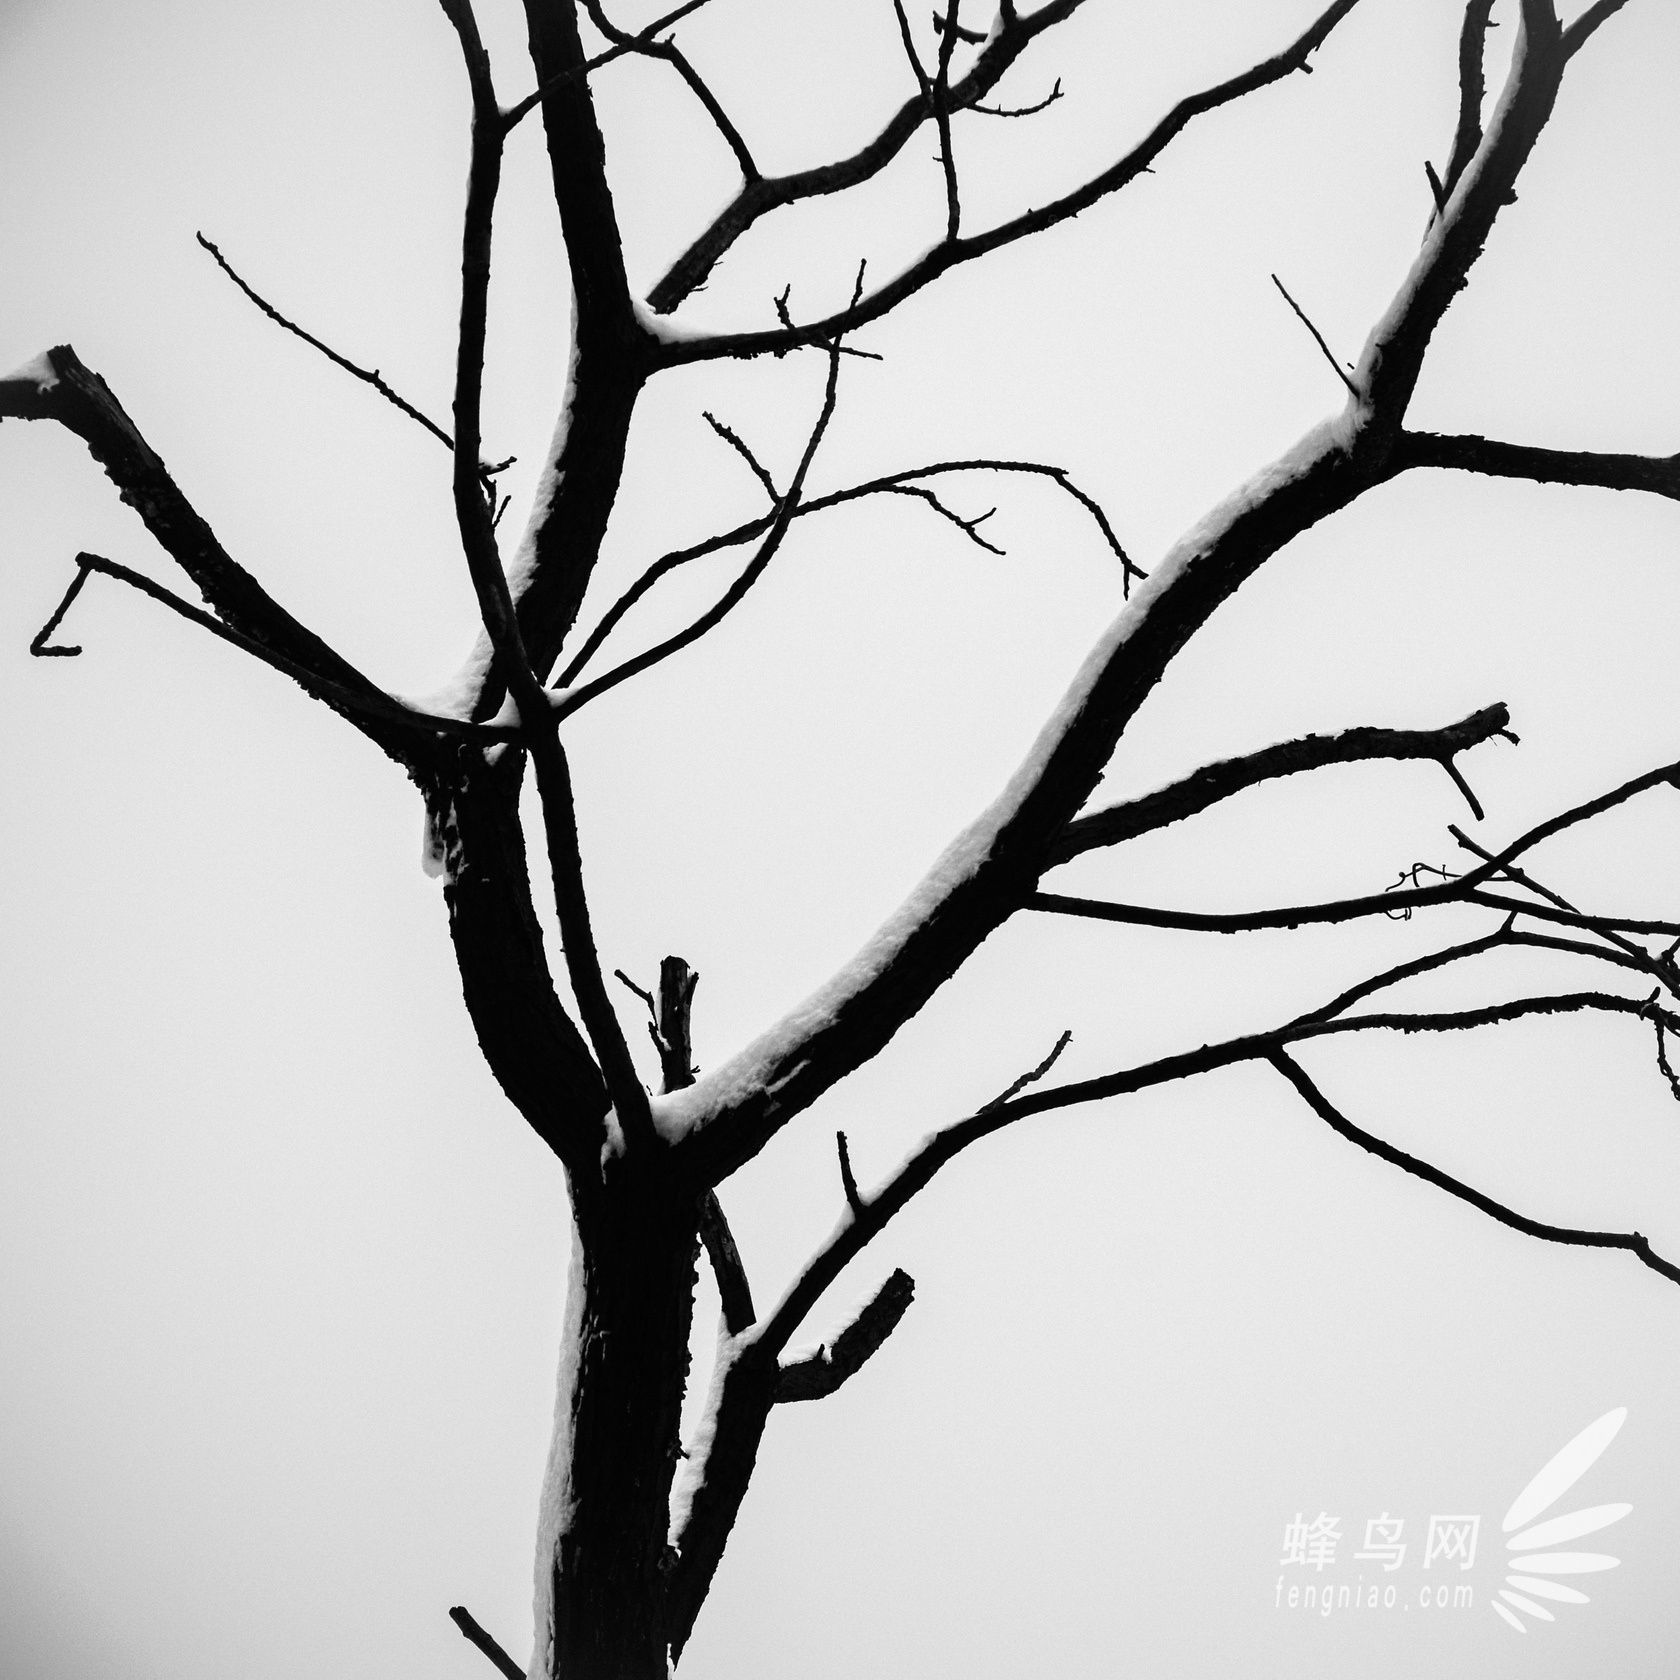 图形创意树木影子